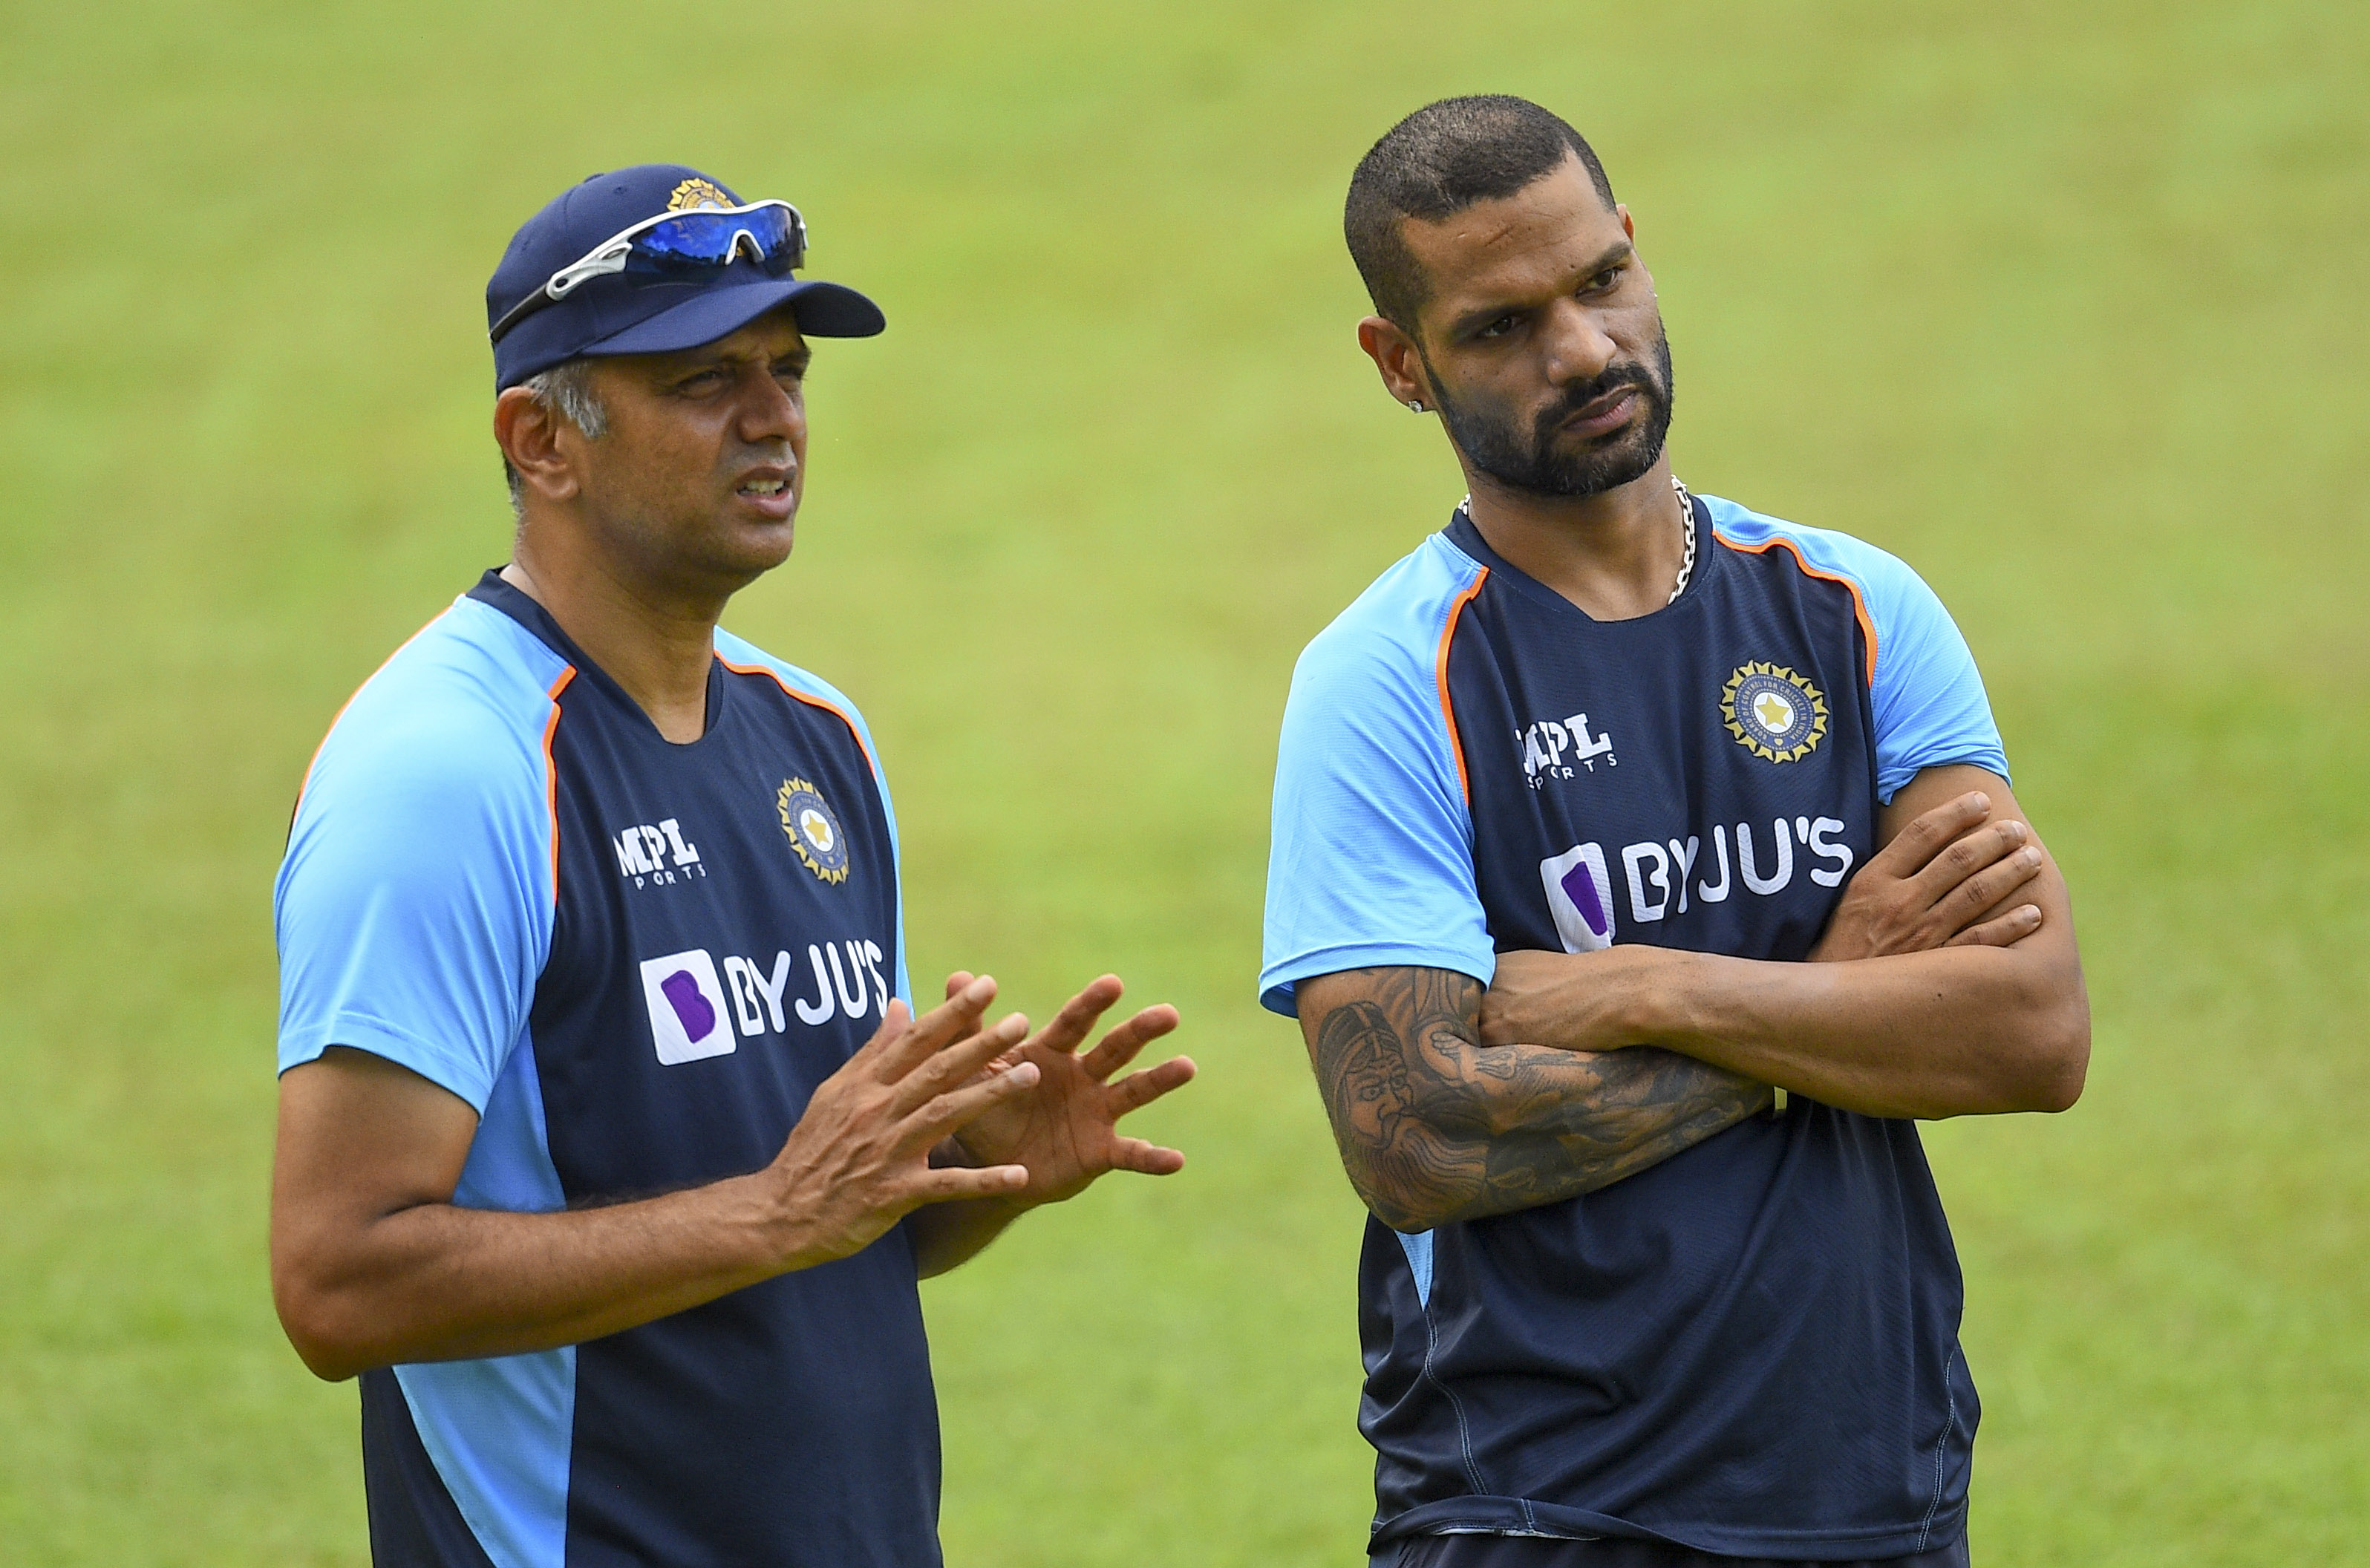 Rahul Dravid is Team India's new head coach Sri Lanka series | BCCI Twitter